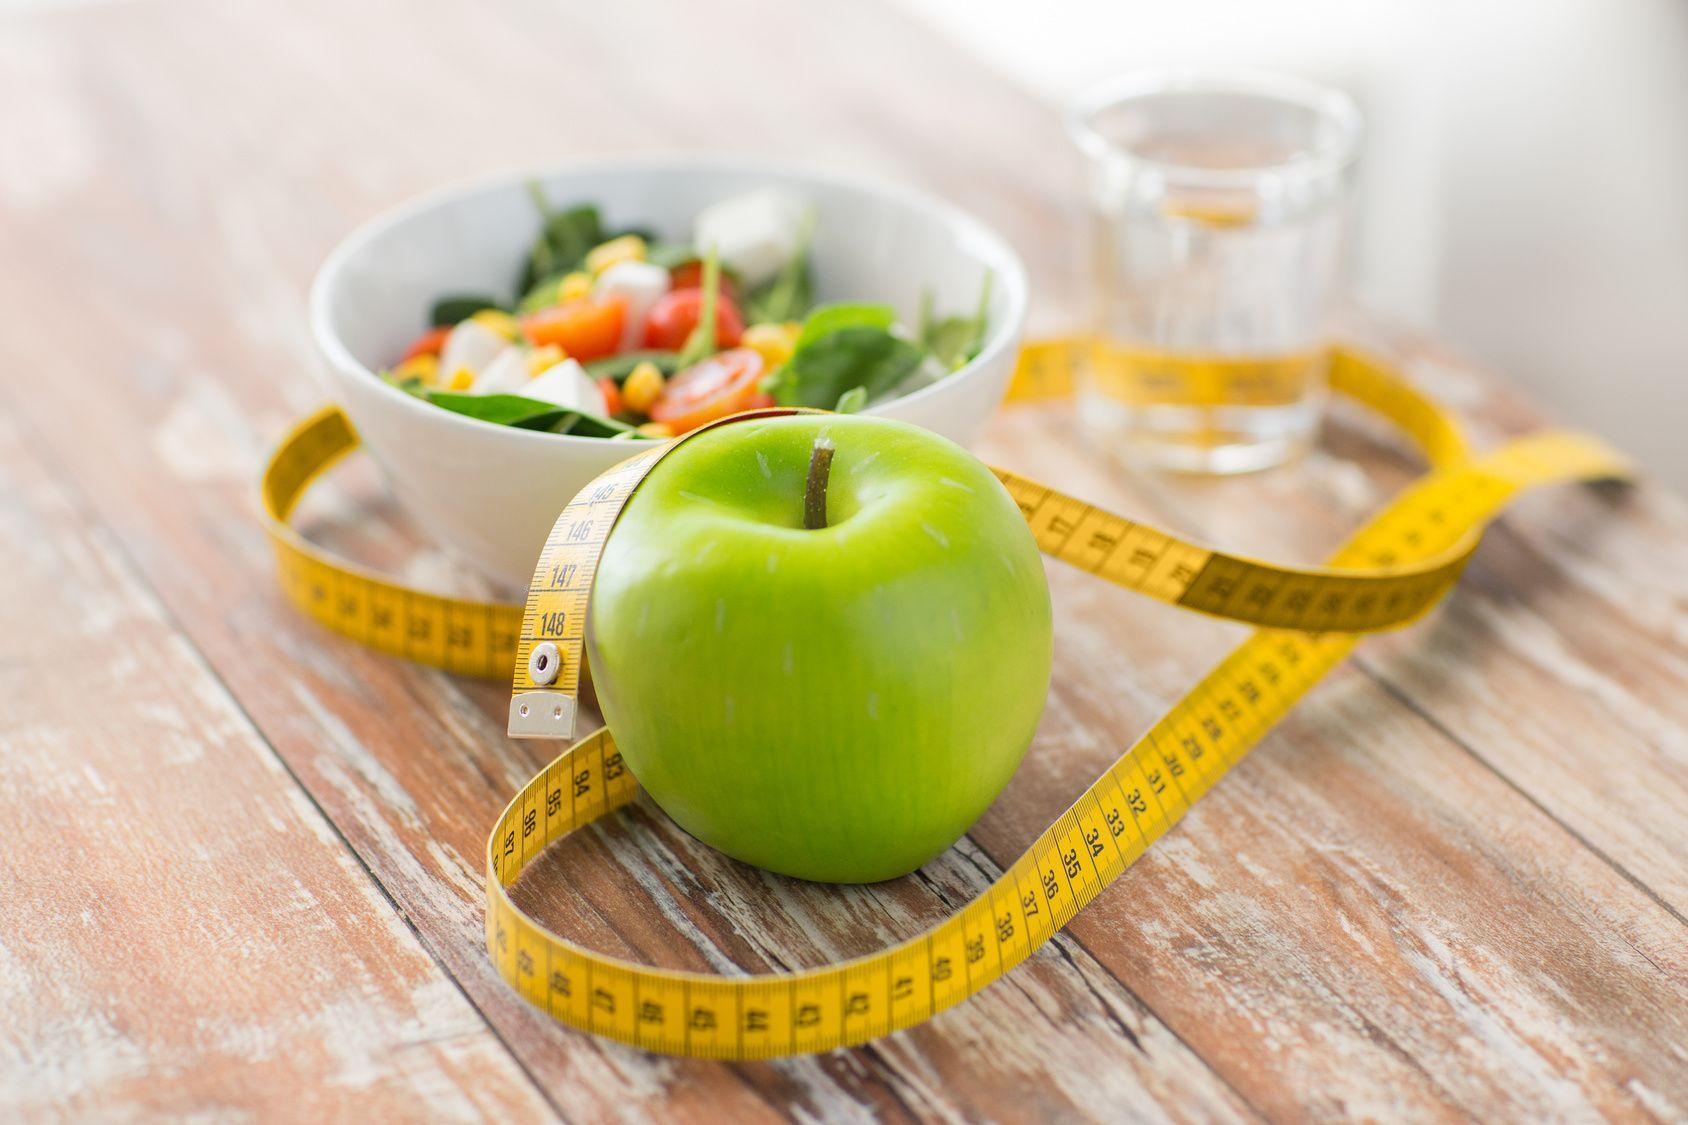 les poids sont-ils meilleurs pour la perte de graisse